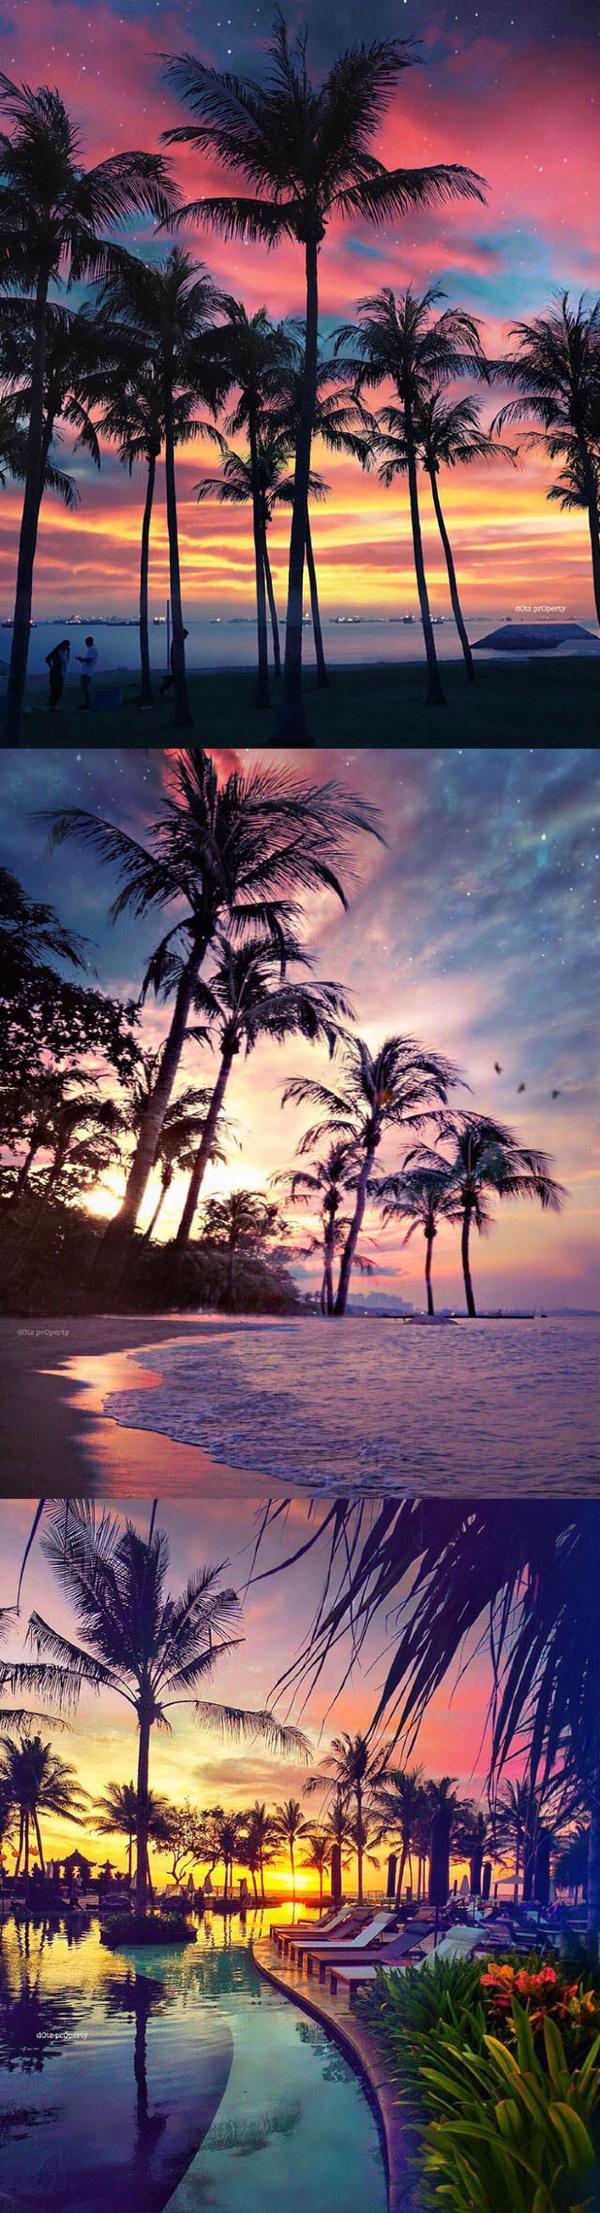 沙滩日落和星辰,你想和谁体验一回? - 谭笑古今 - 谭笑古今